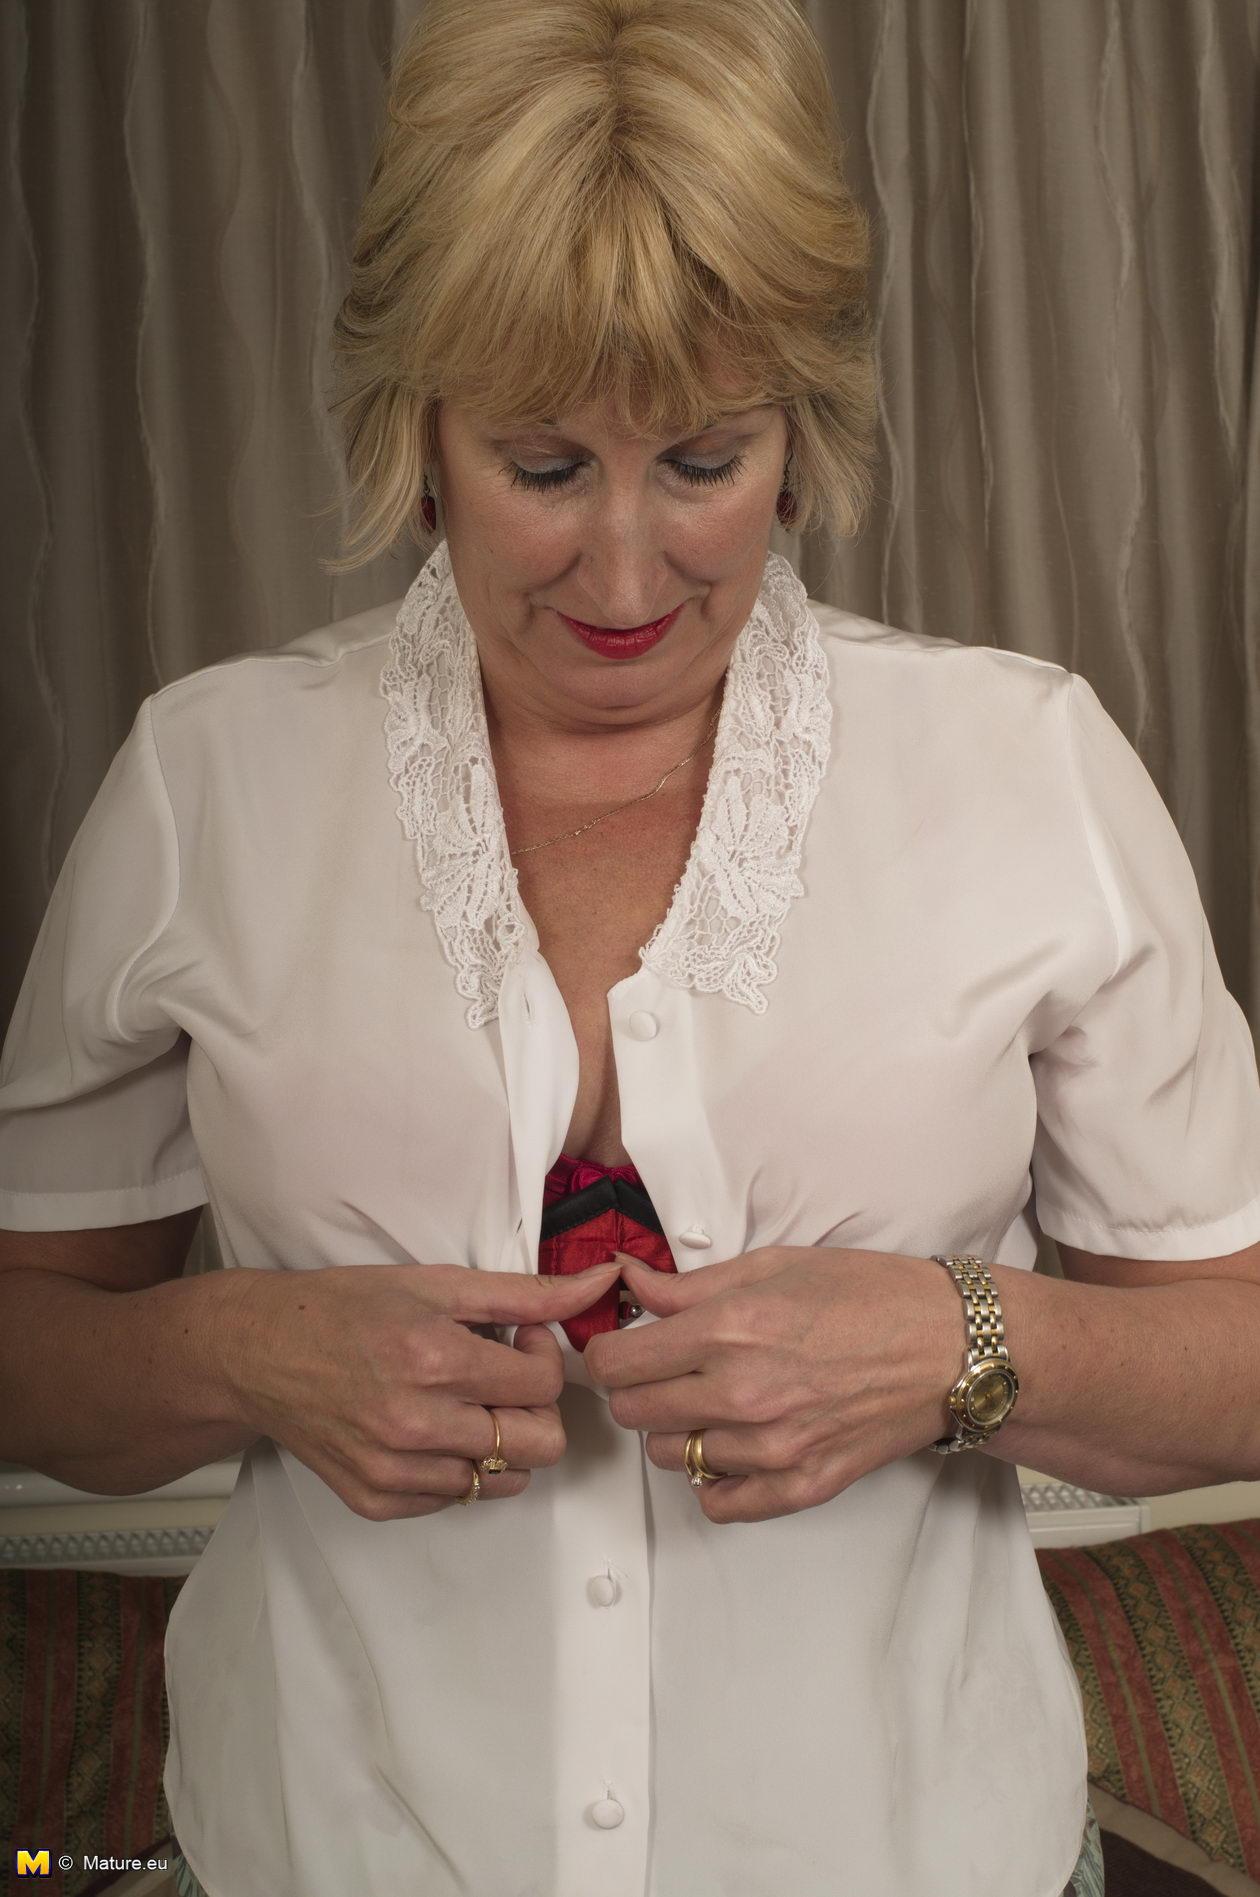 Rosemary mature nl